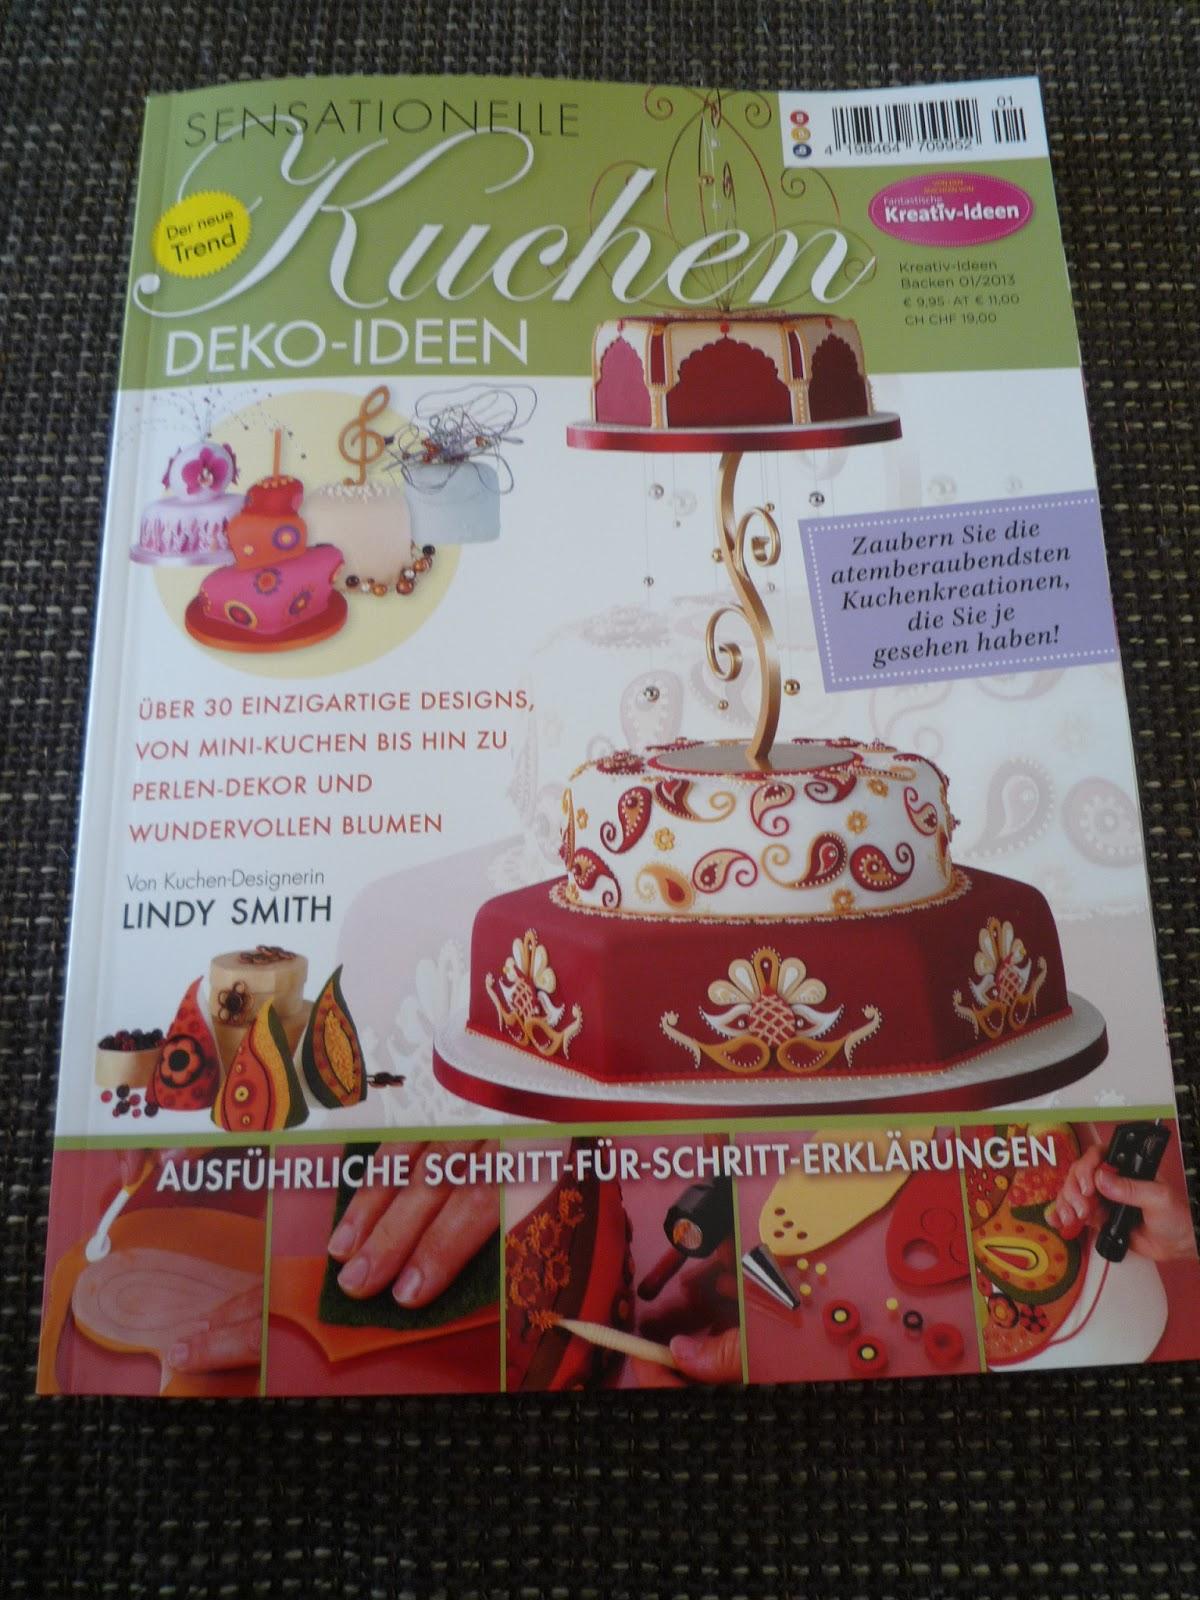 Sensationelle Kuchen Deko-Ideen, Tortenzeitschrift, Tortenmagazin, Fondanttorten, Tortendekorationen, Torten